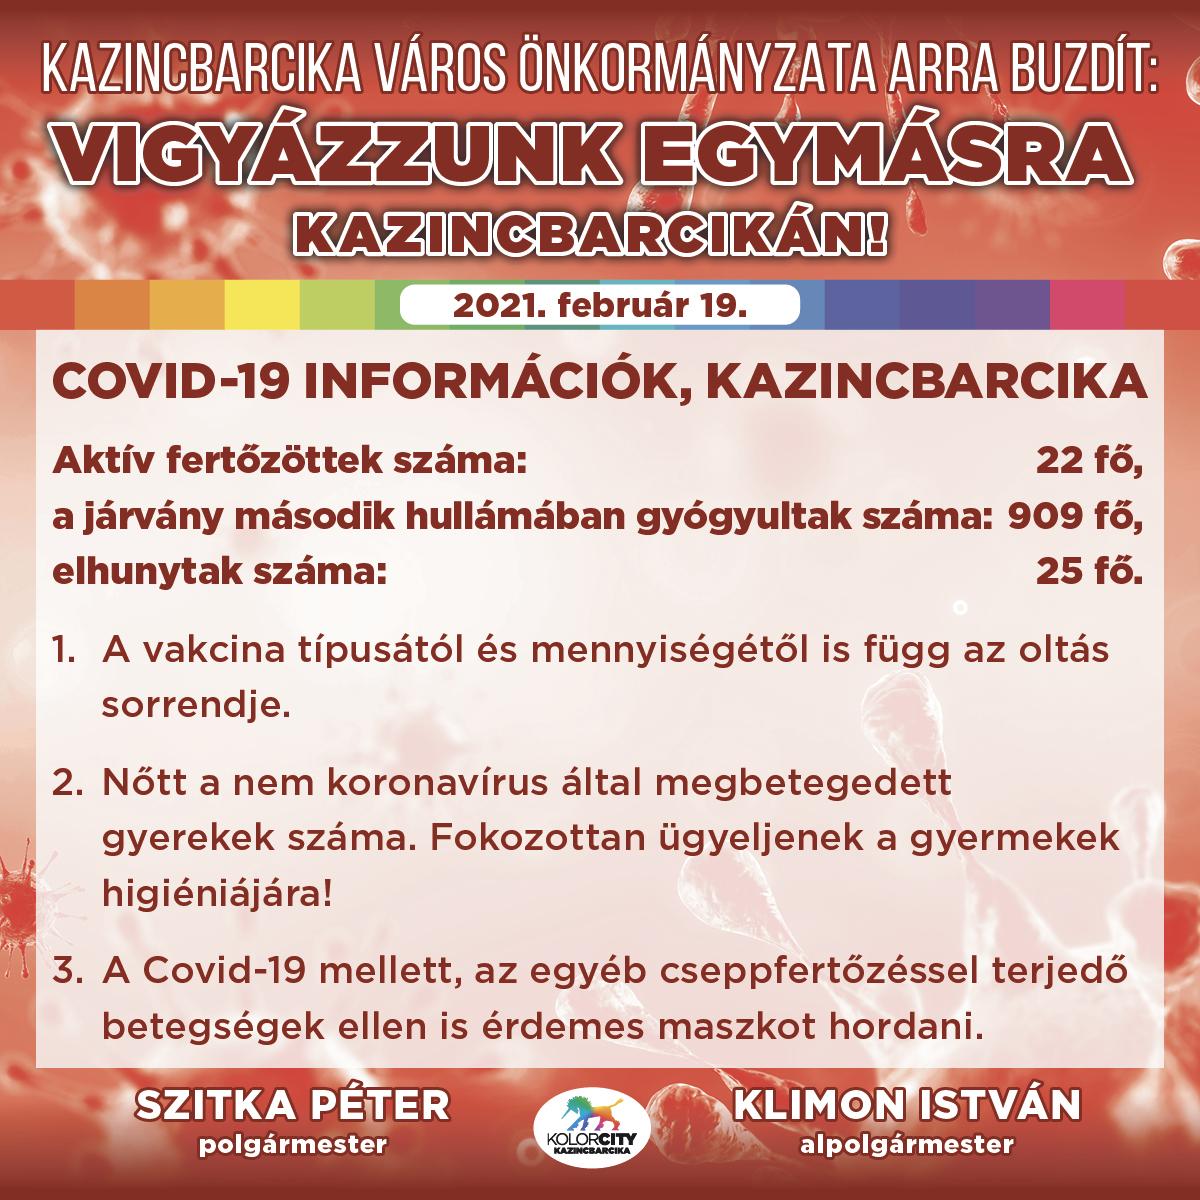 https://kolorline.hu/Vigyázzunk egymásra Kazincbarcikán! – 2021. február 19.